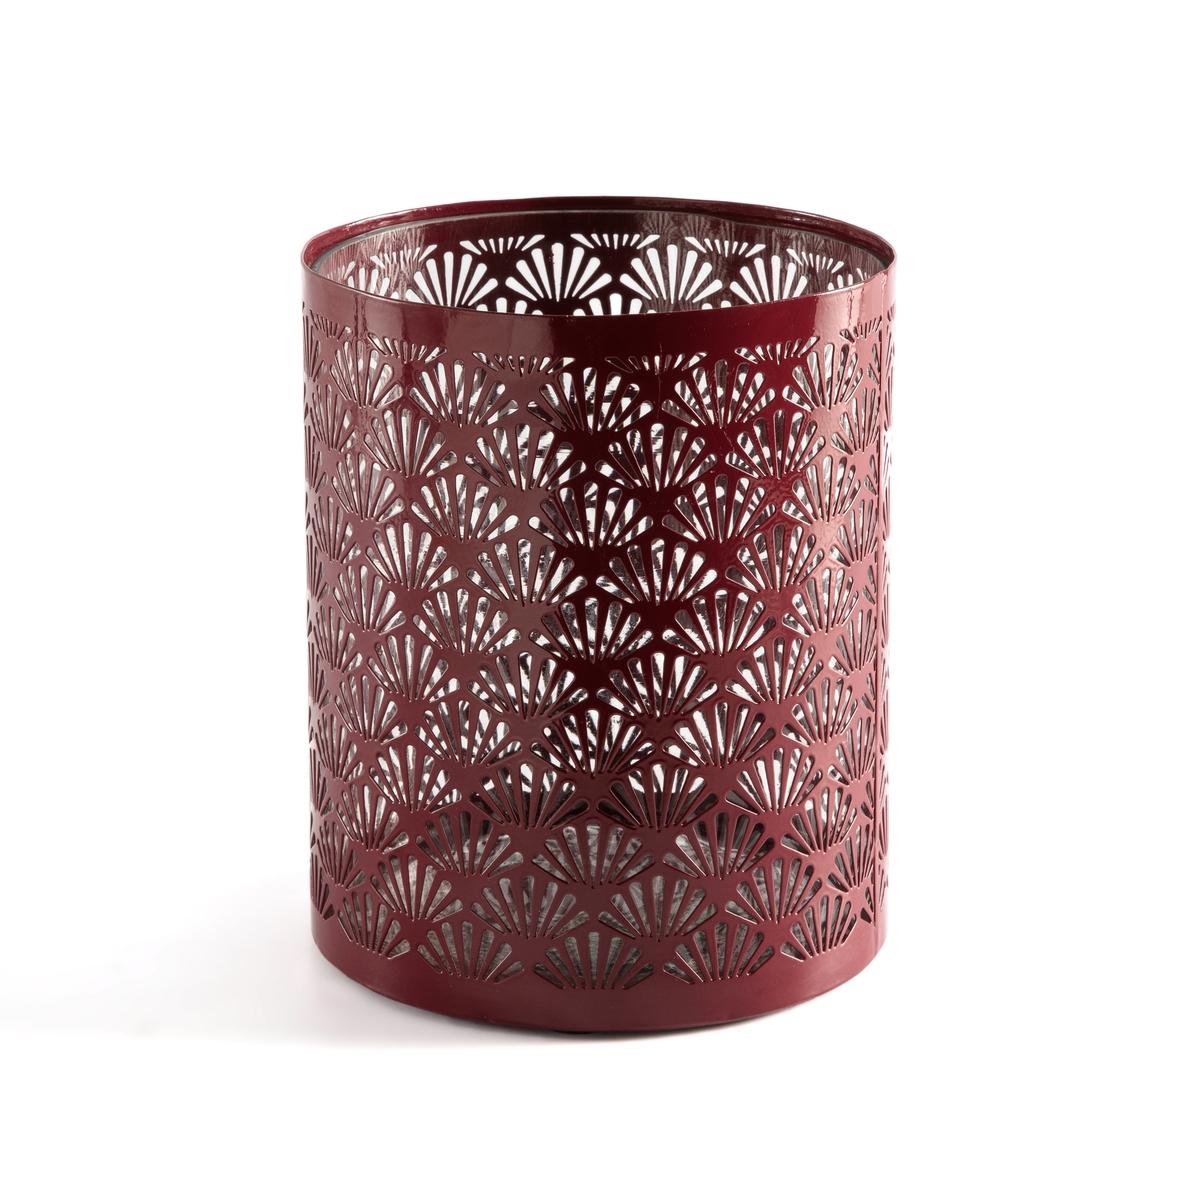 Подсвечник La Redoute Декоративный металлический Fani единый размер красный